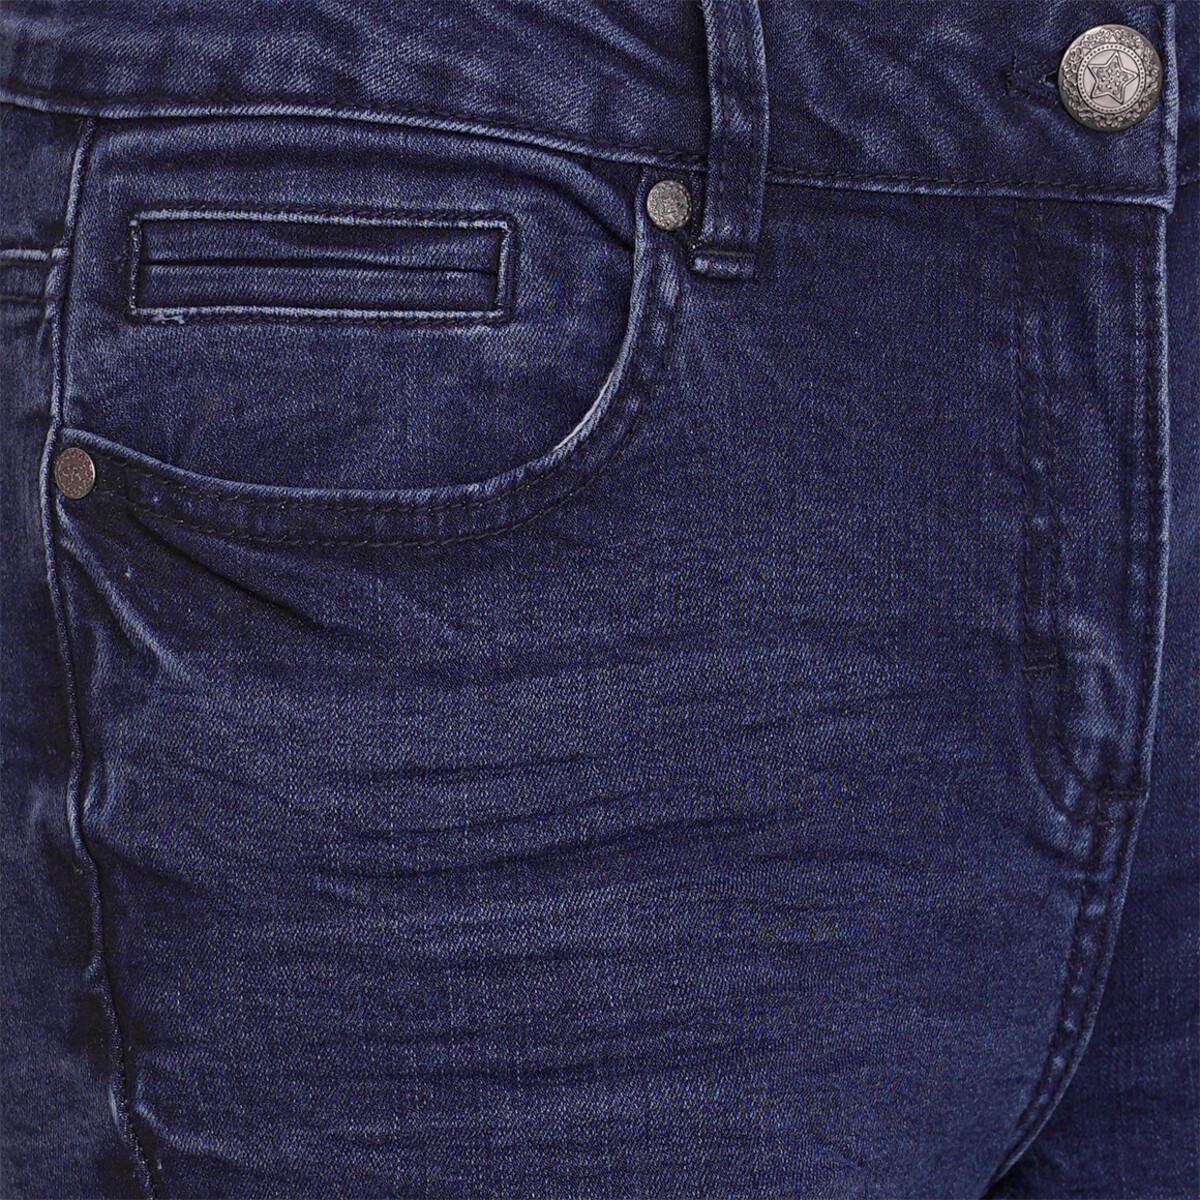 Bild 2 von 3/4 Damen Slim-Jeans im Five-Pocket-Style